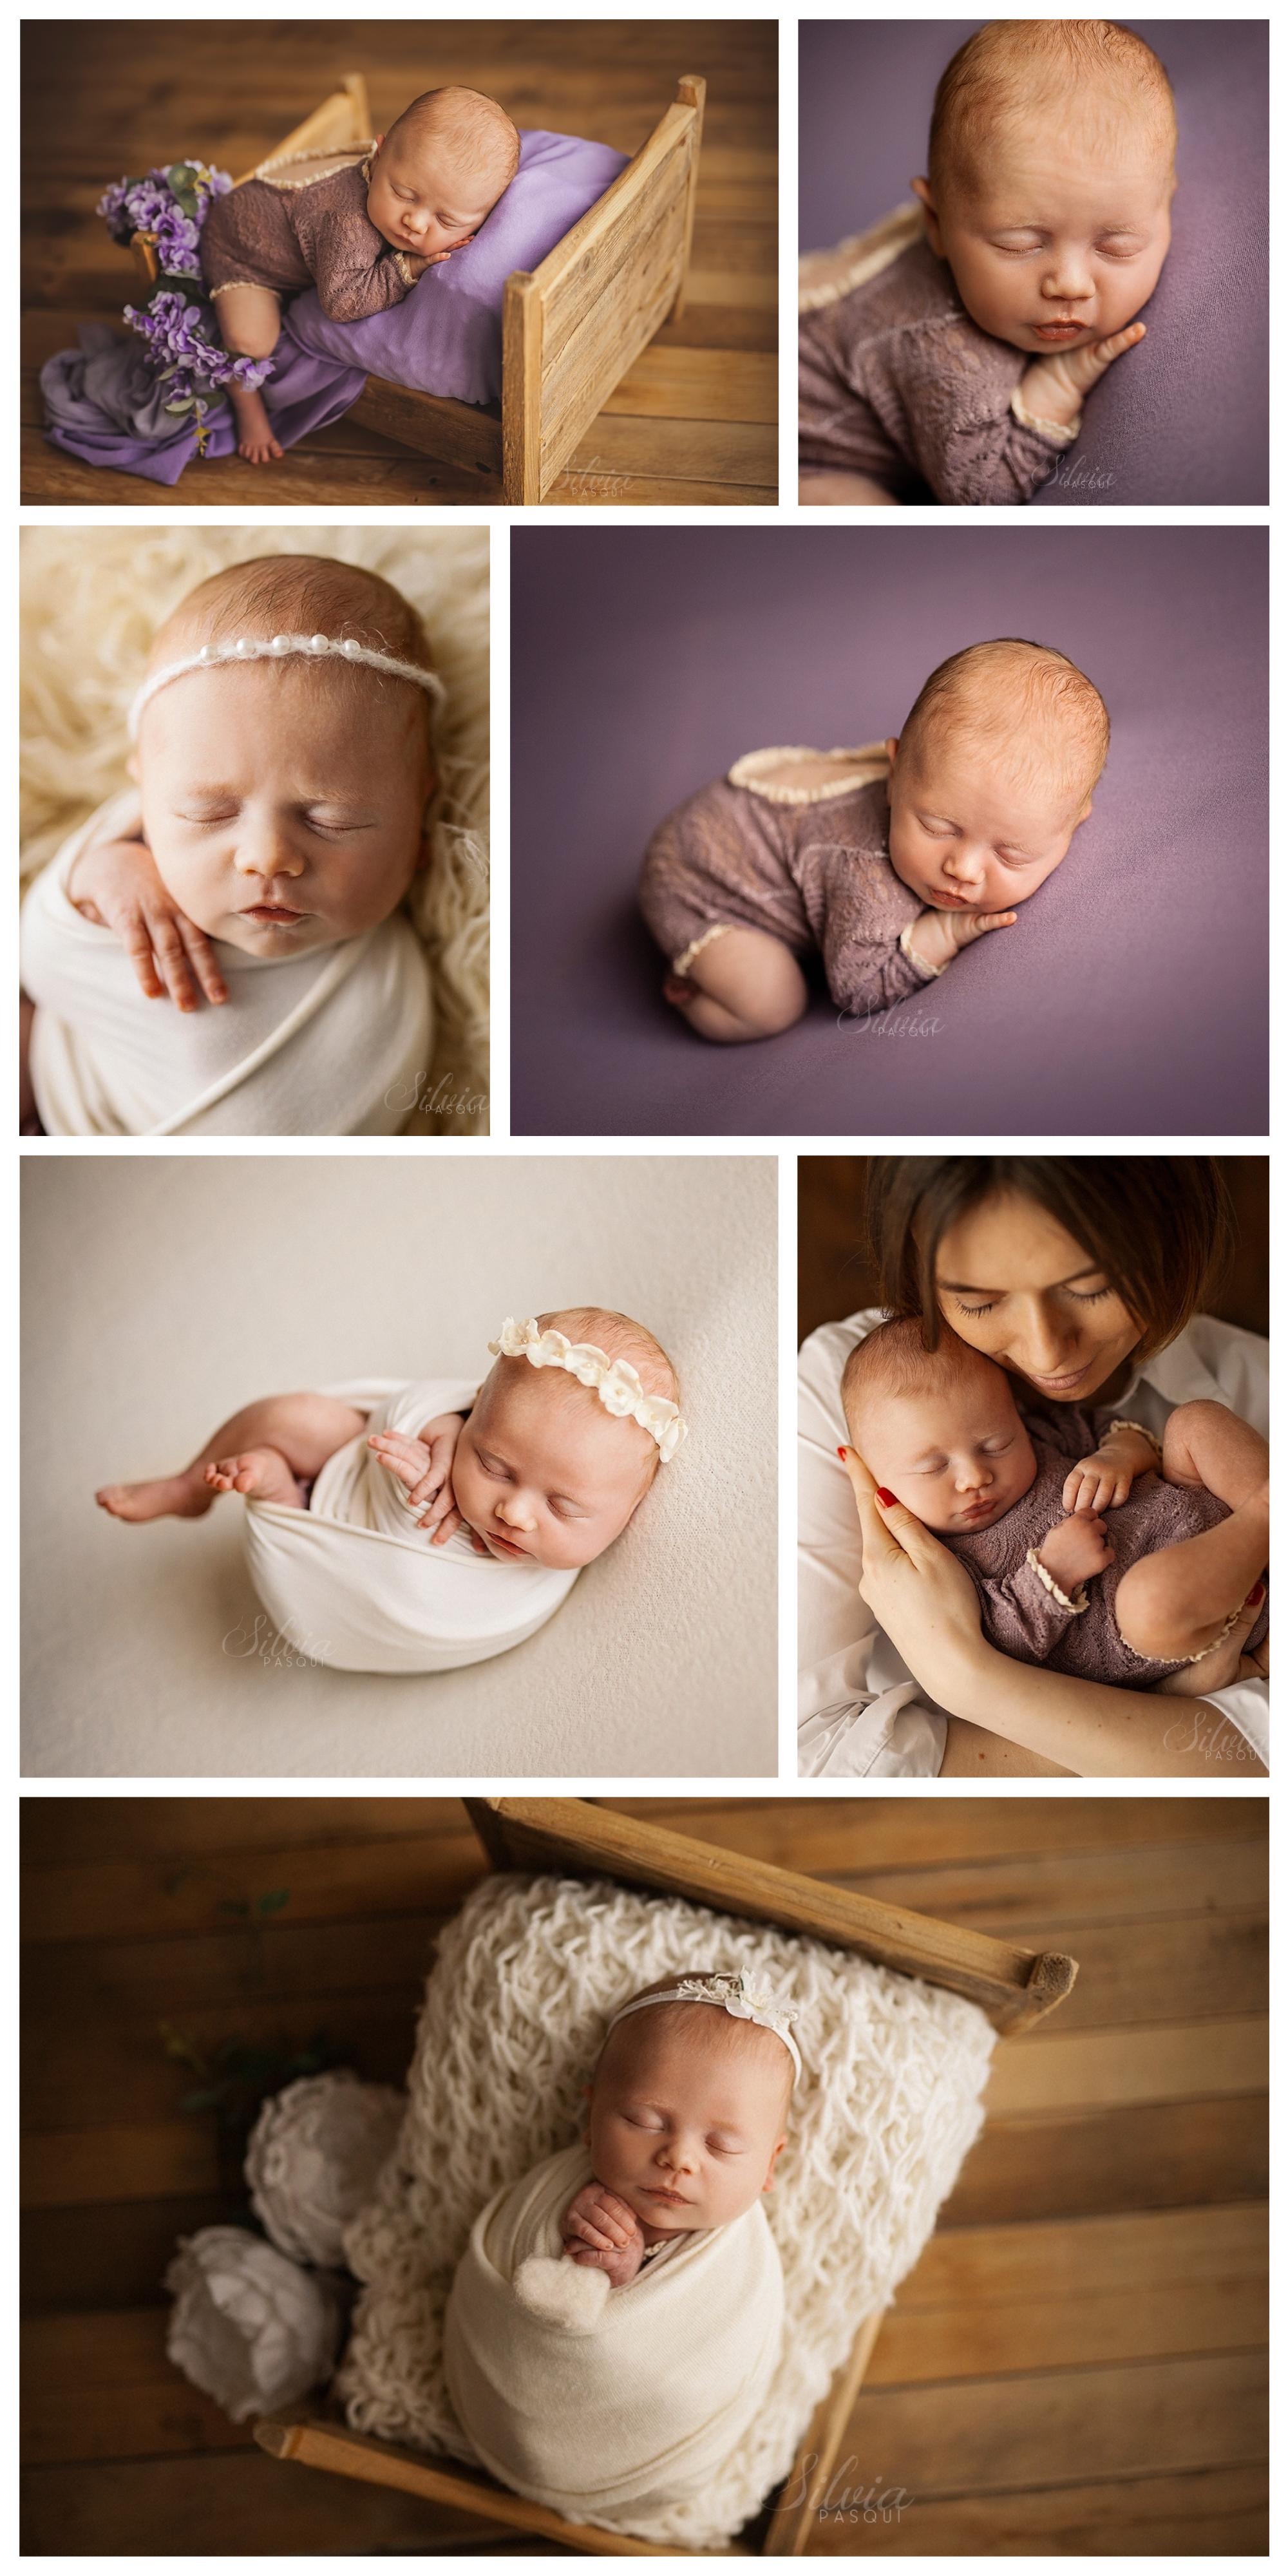 fotografi per neonati